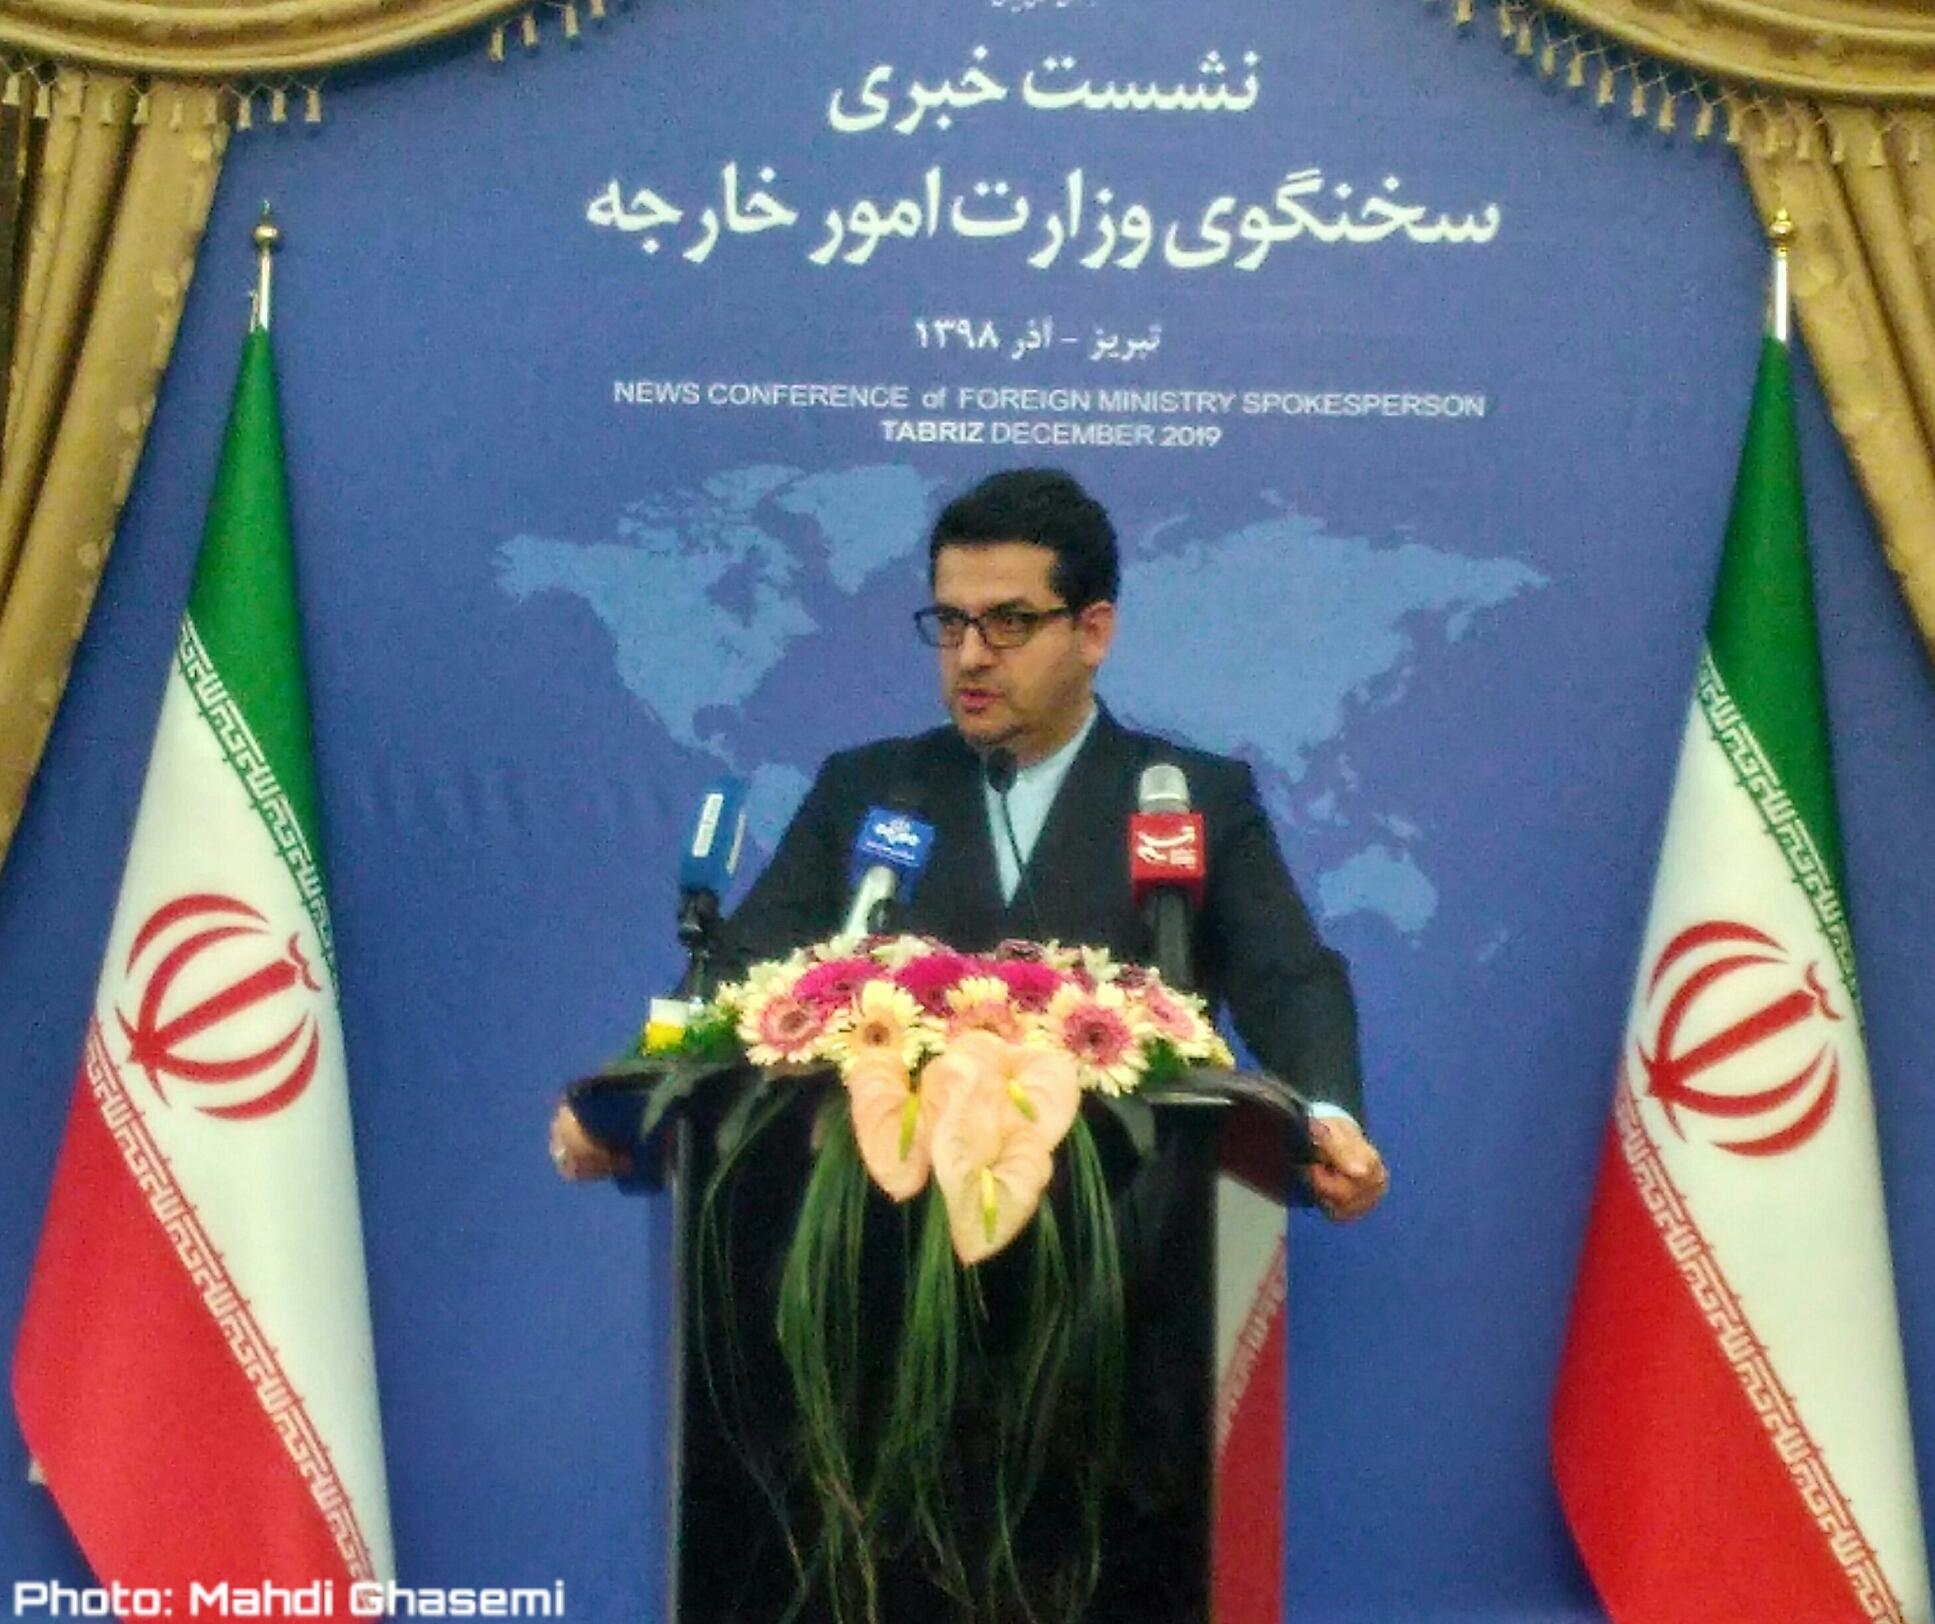 موسوی: تبریز از موقعیت ویژه استراتژیک برخوردار است